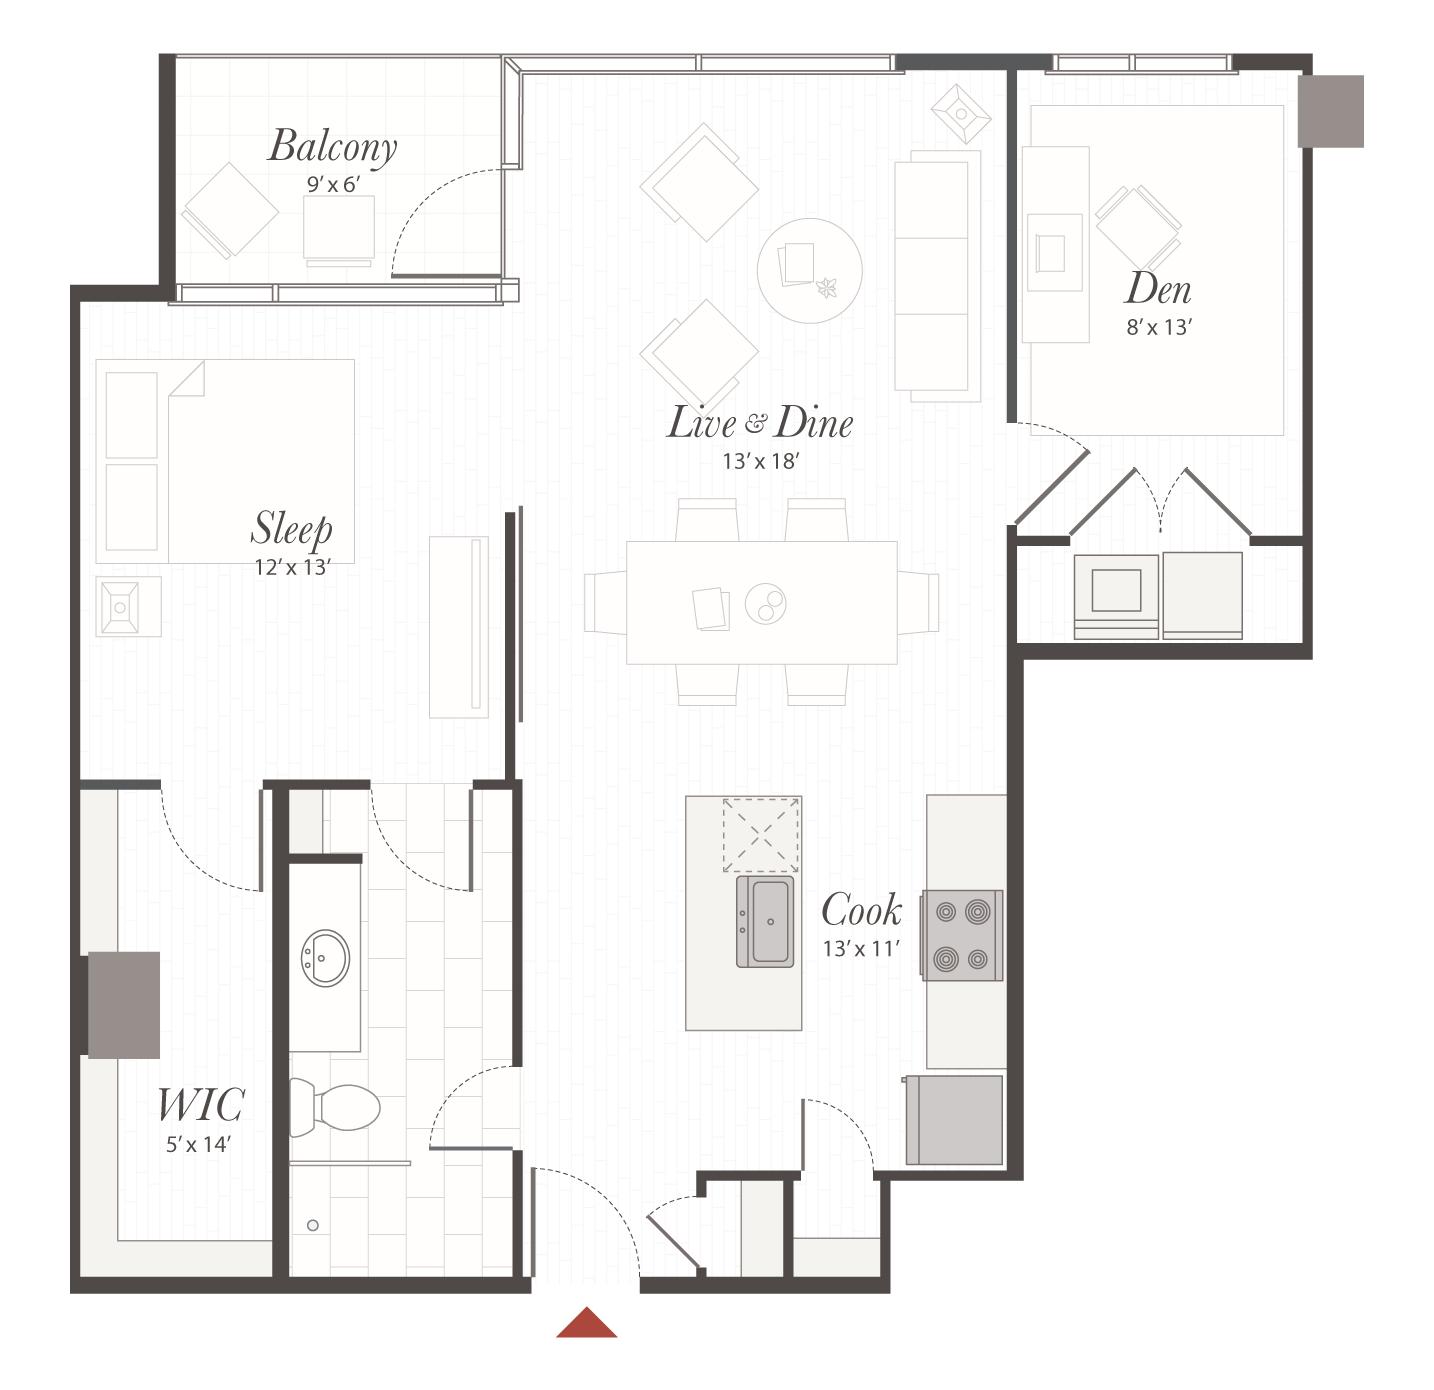 B5 Floor Plan - 1 Bedroom With Den Apartment | Cincinnati, OH